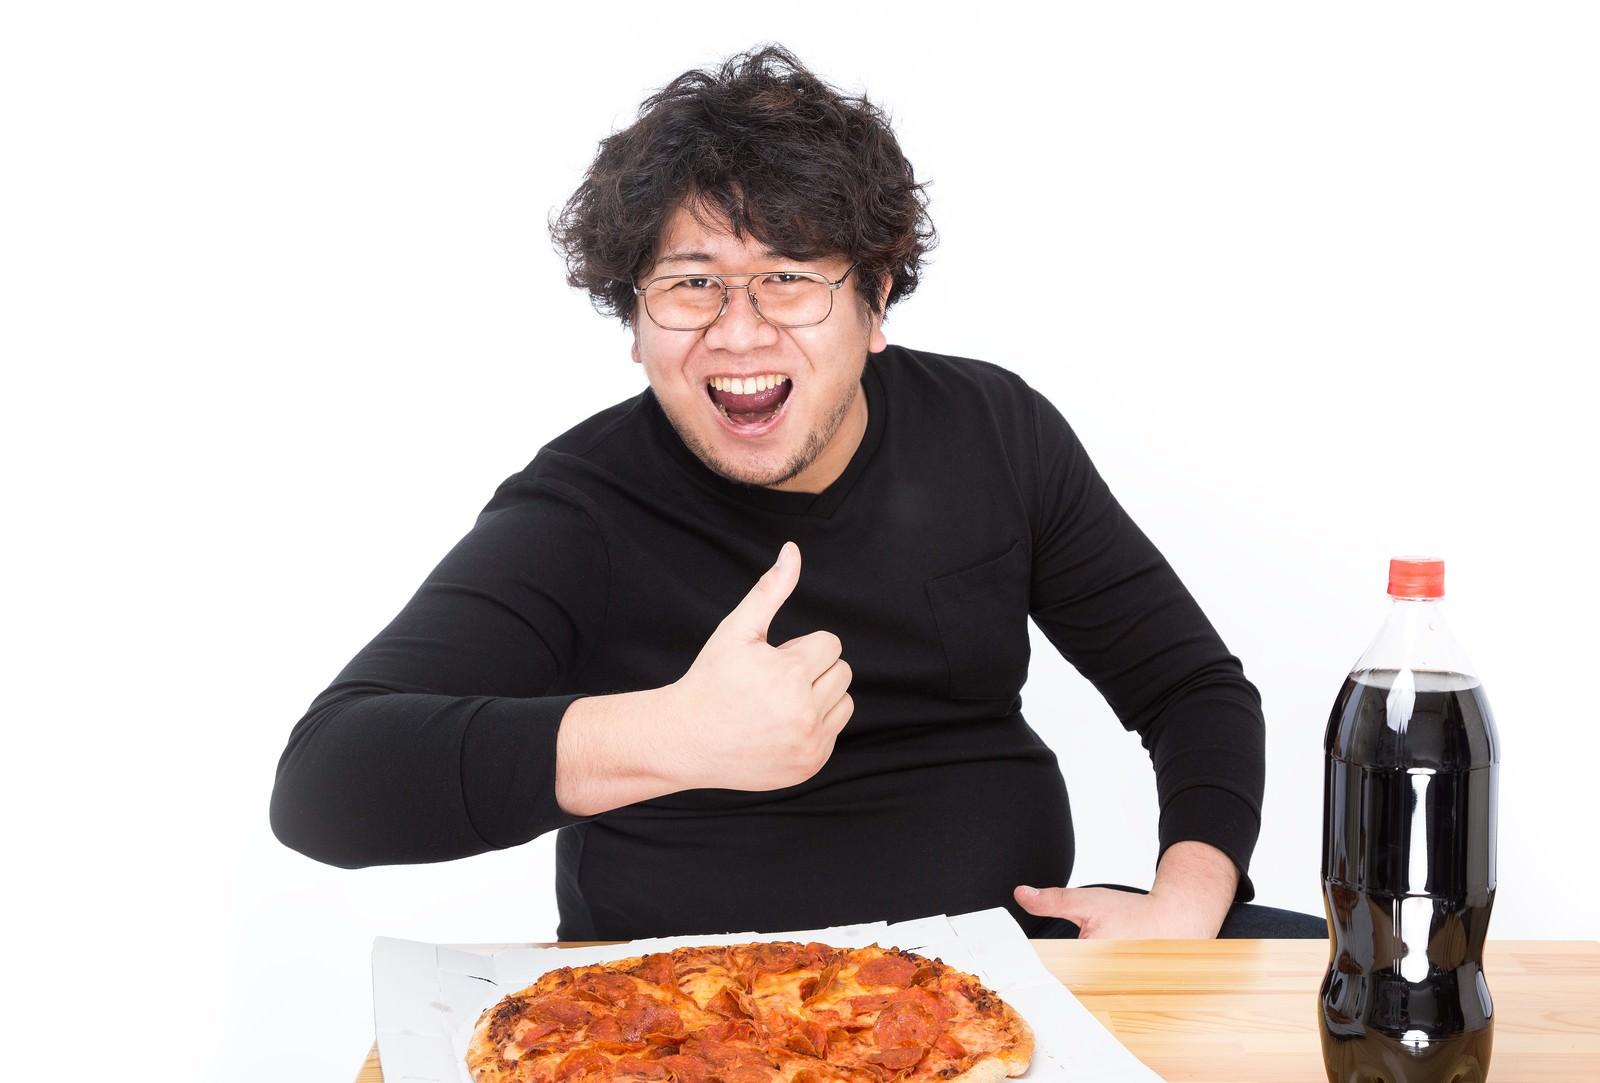 「「これがオレのバリューセットだ!」とドヤ顔をキメるピザ」の写真[モデル:朽木誠一郎]